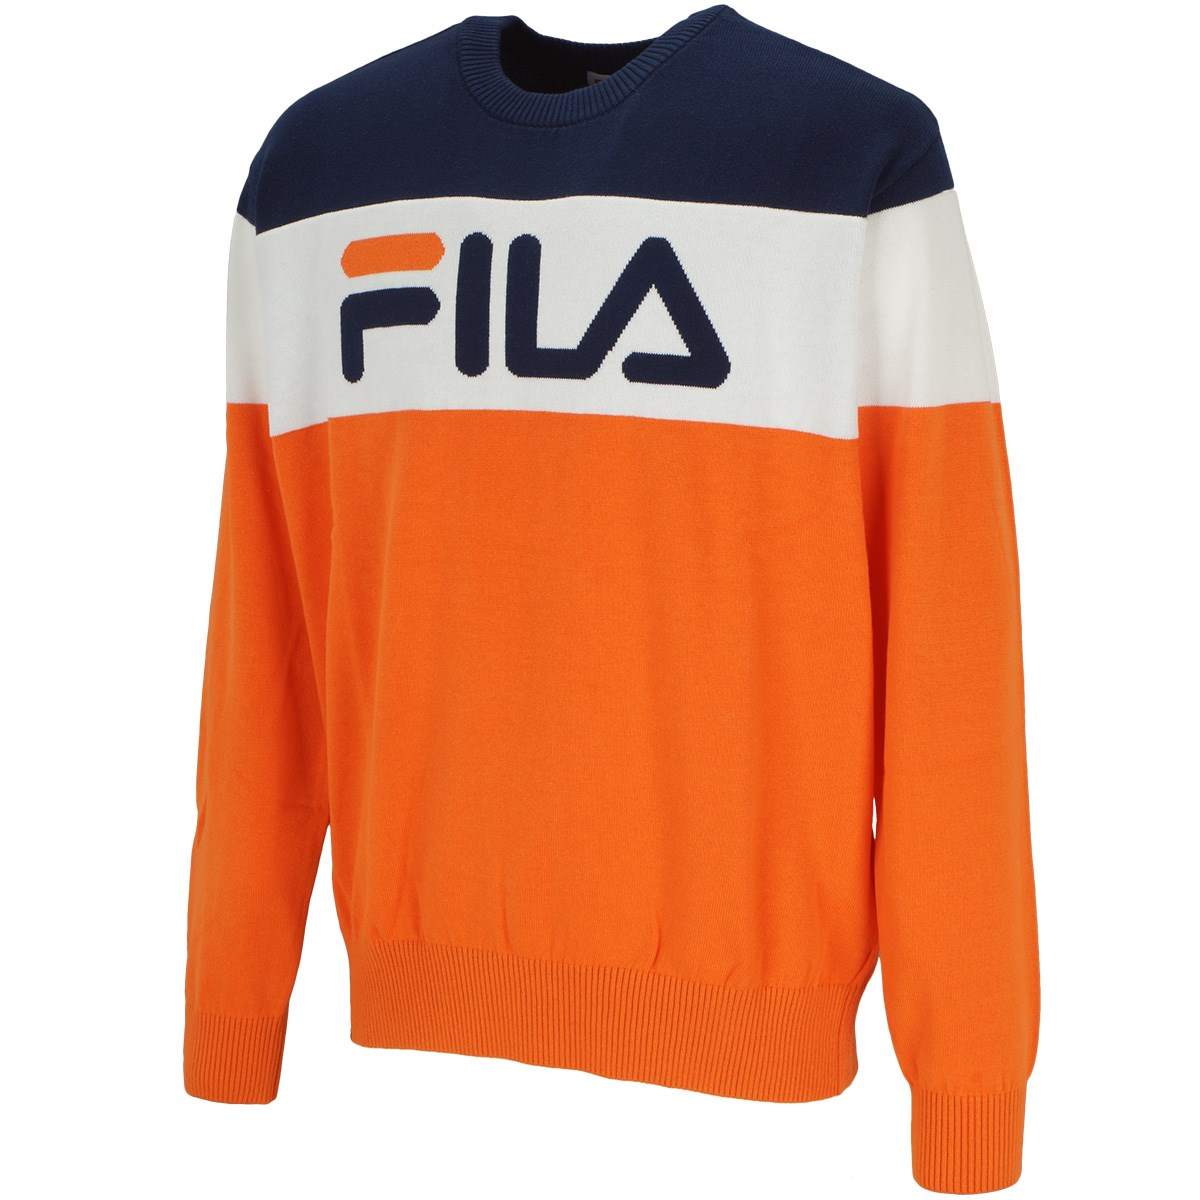 フィラ(FILA) クルーネックセーター